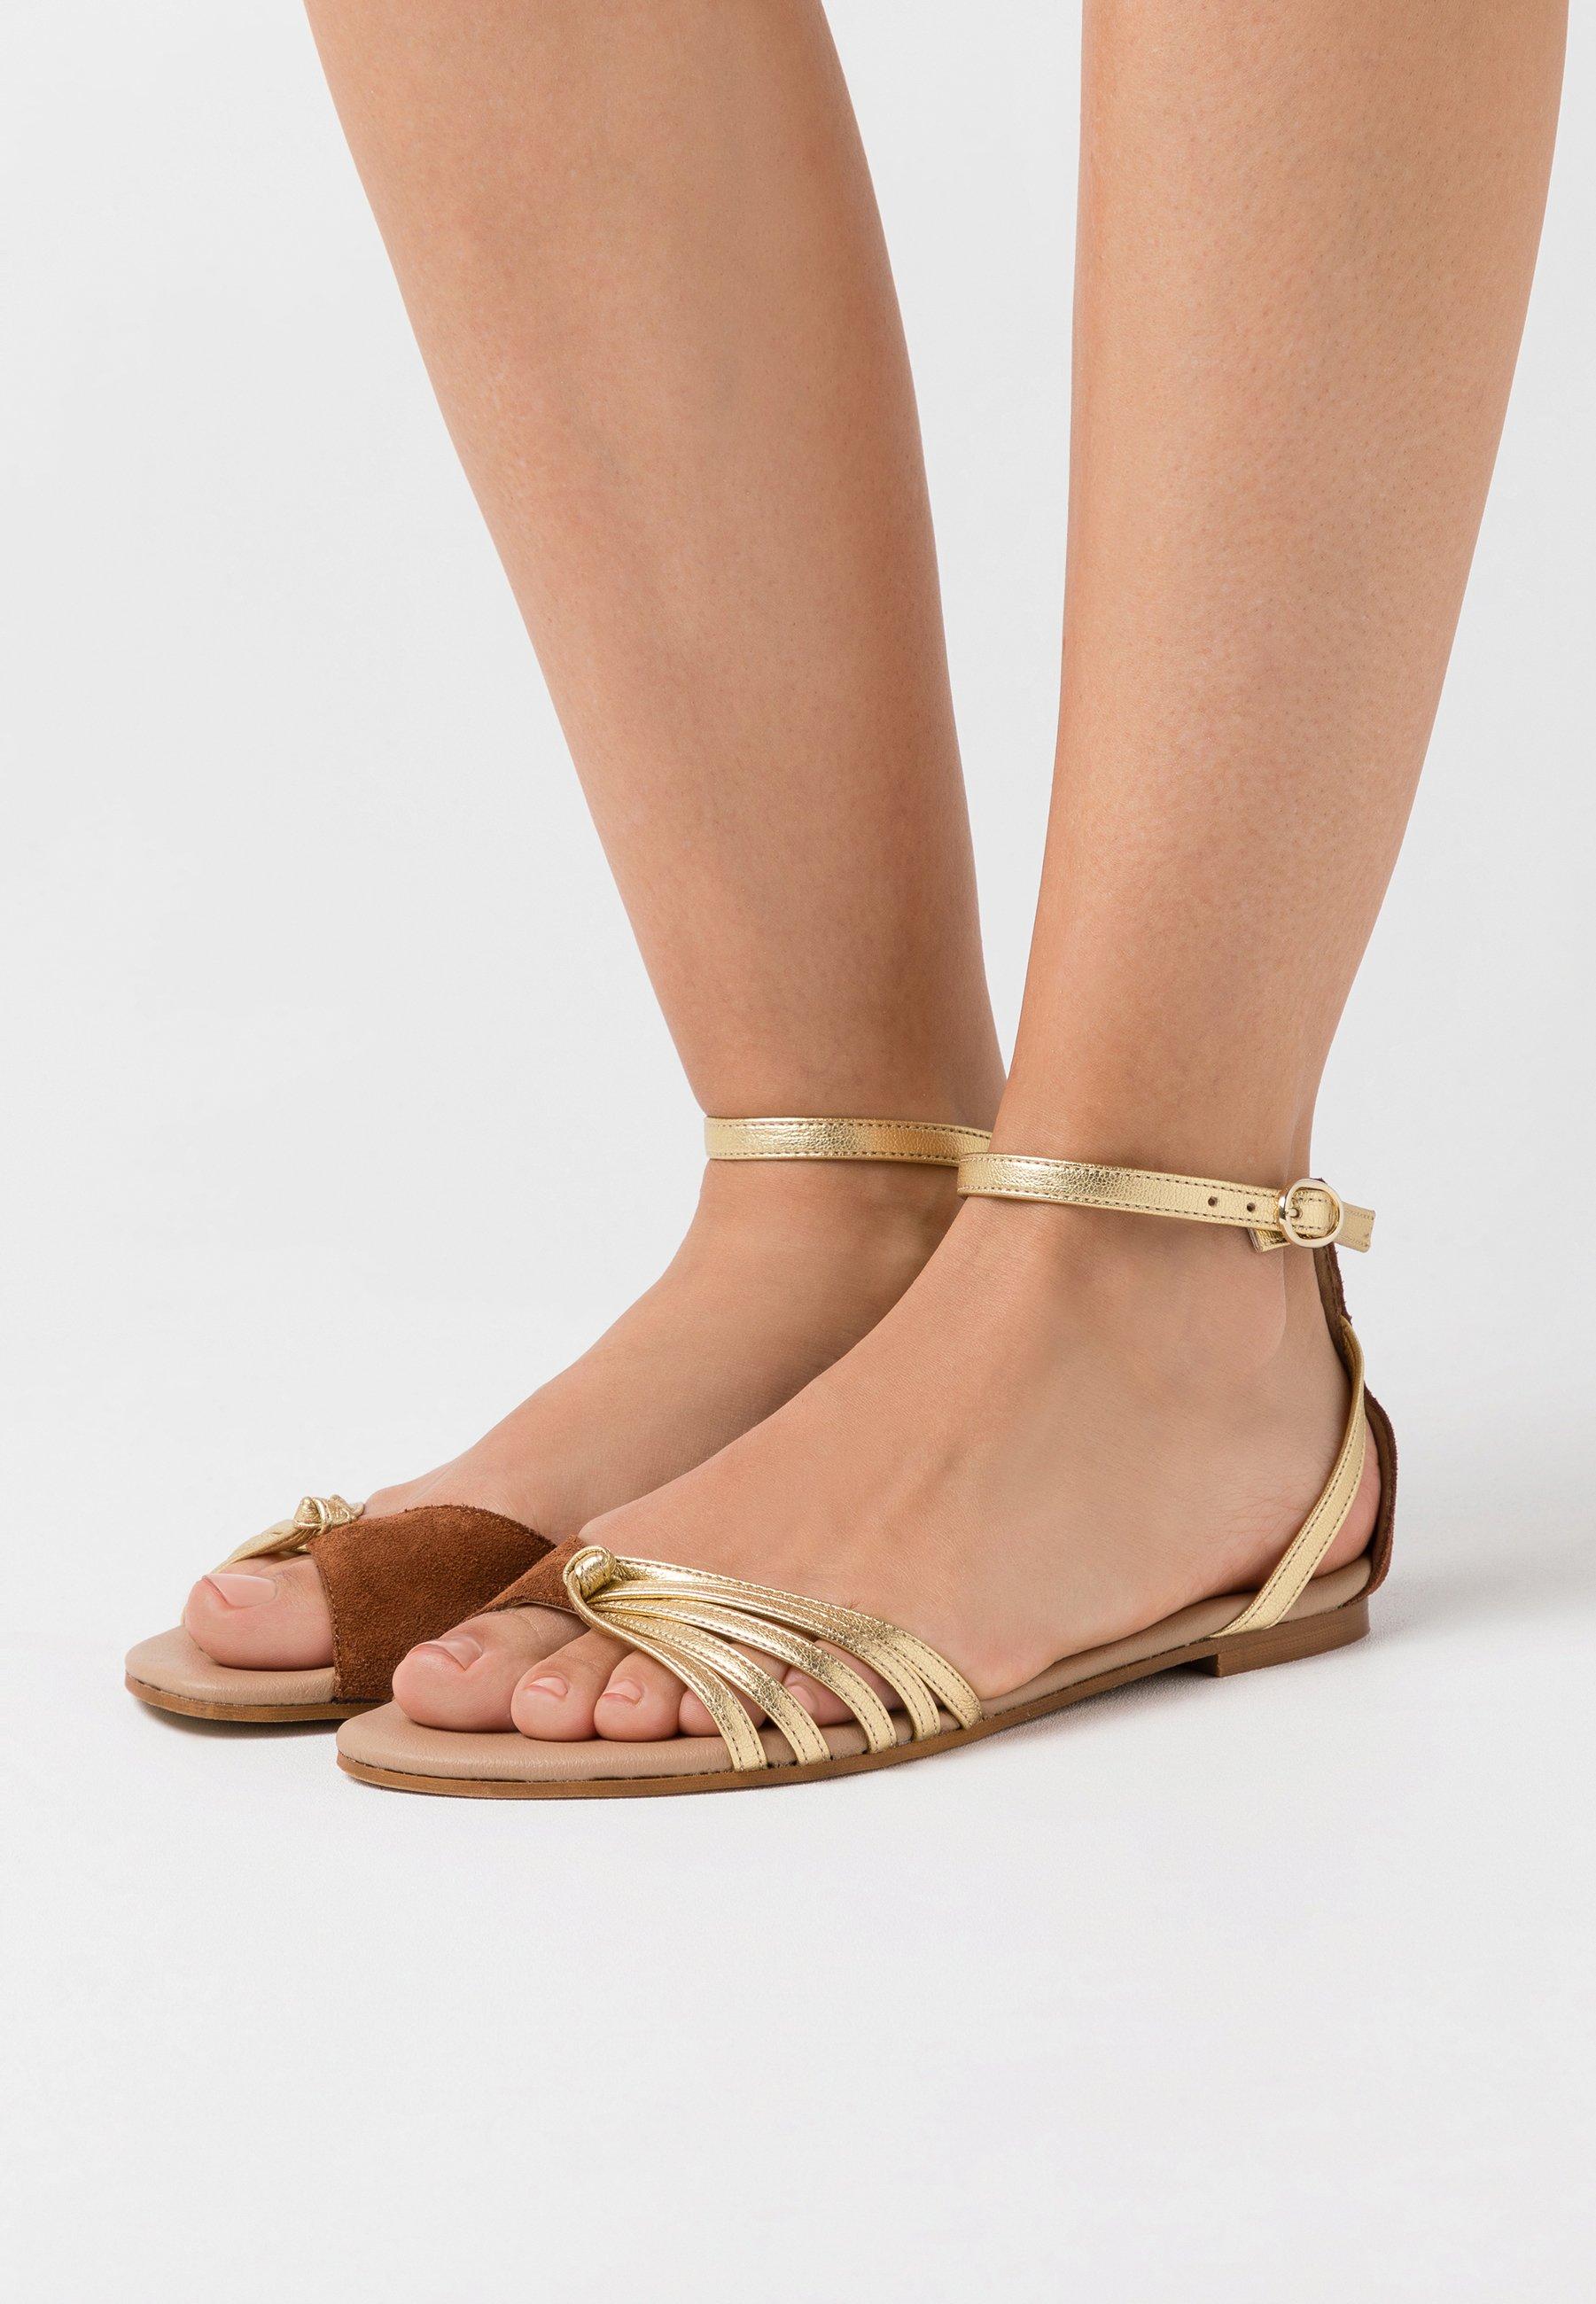 Anna Field Leather Sandals - Sandaalit Nilkkaremmillä Cognac/gold